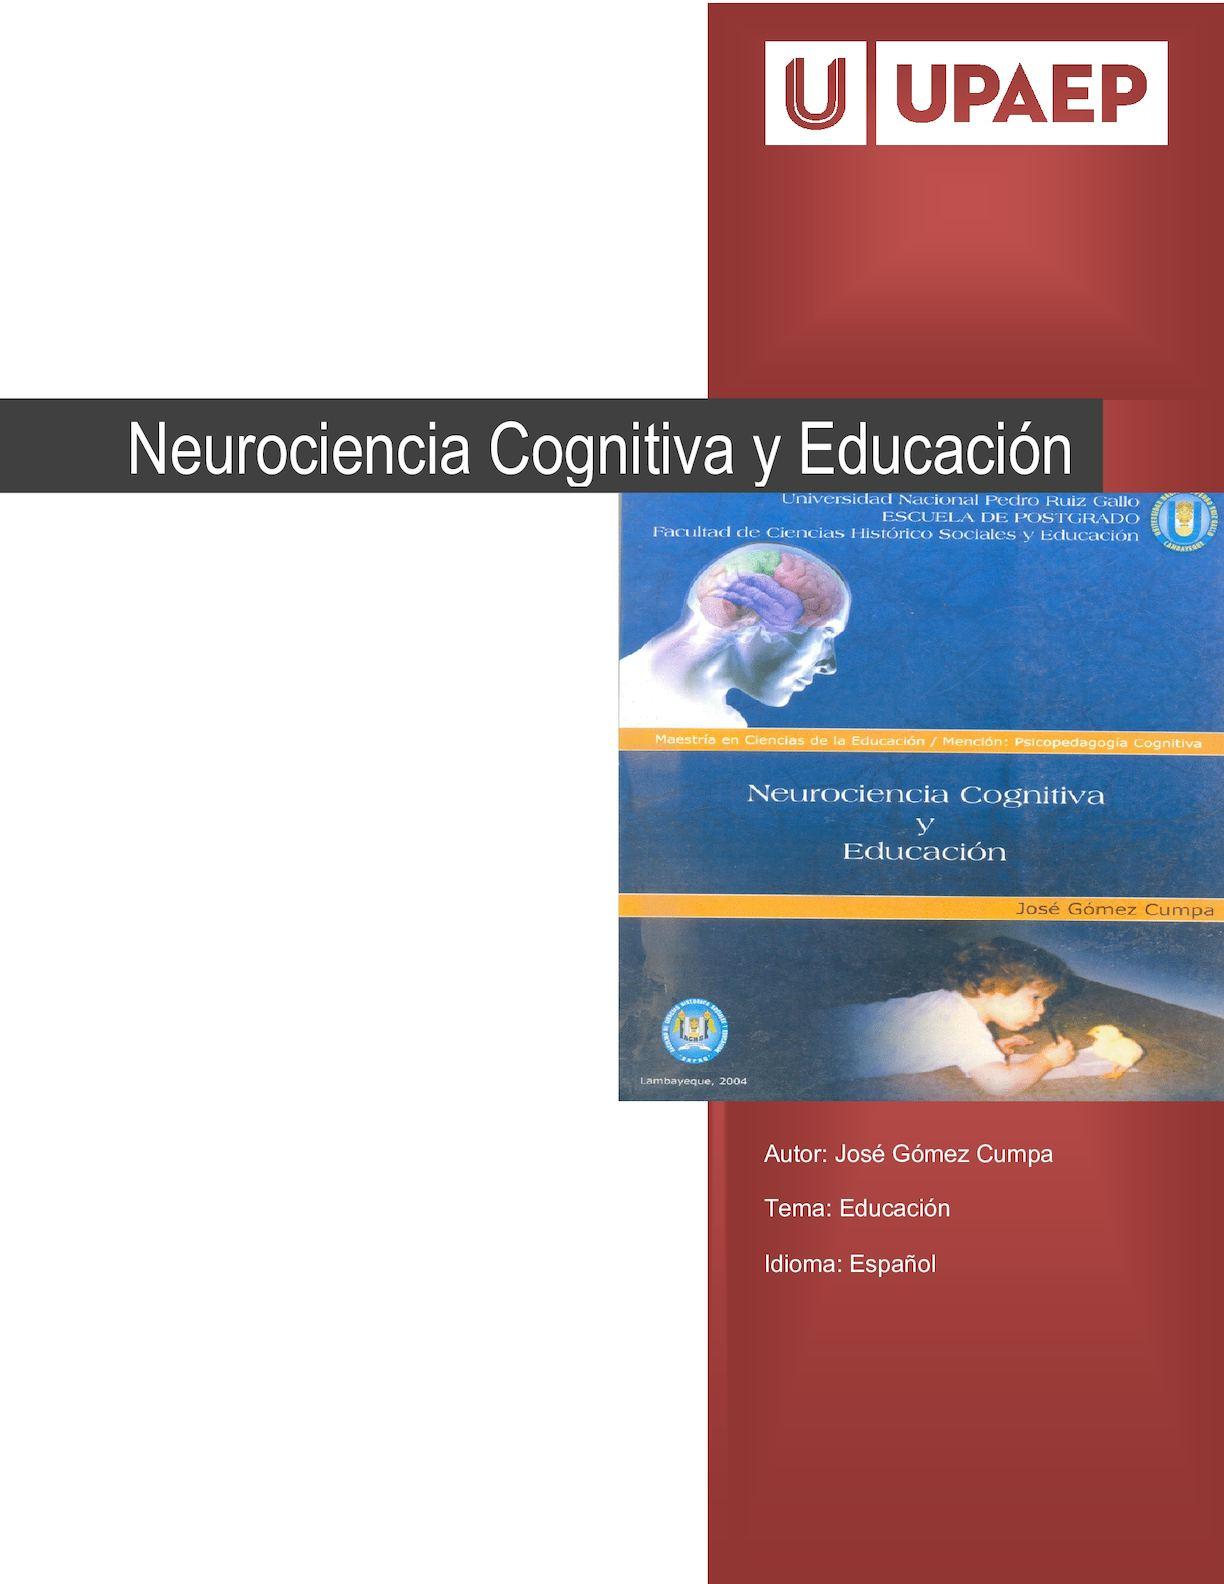 Calaméo - Neurociencia (1)